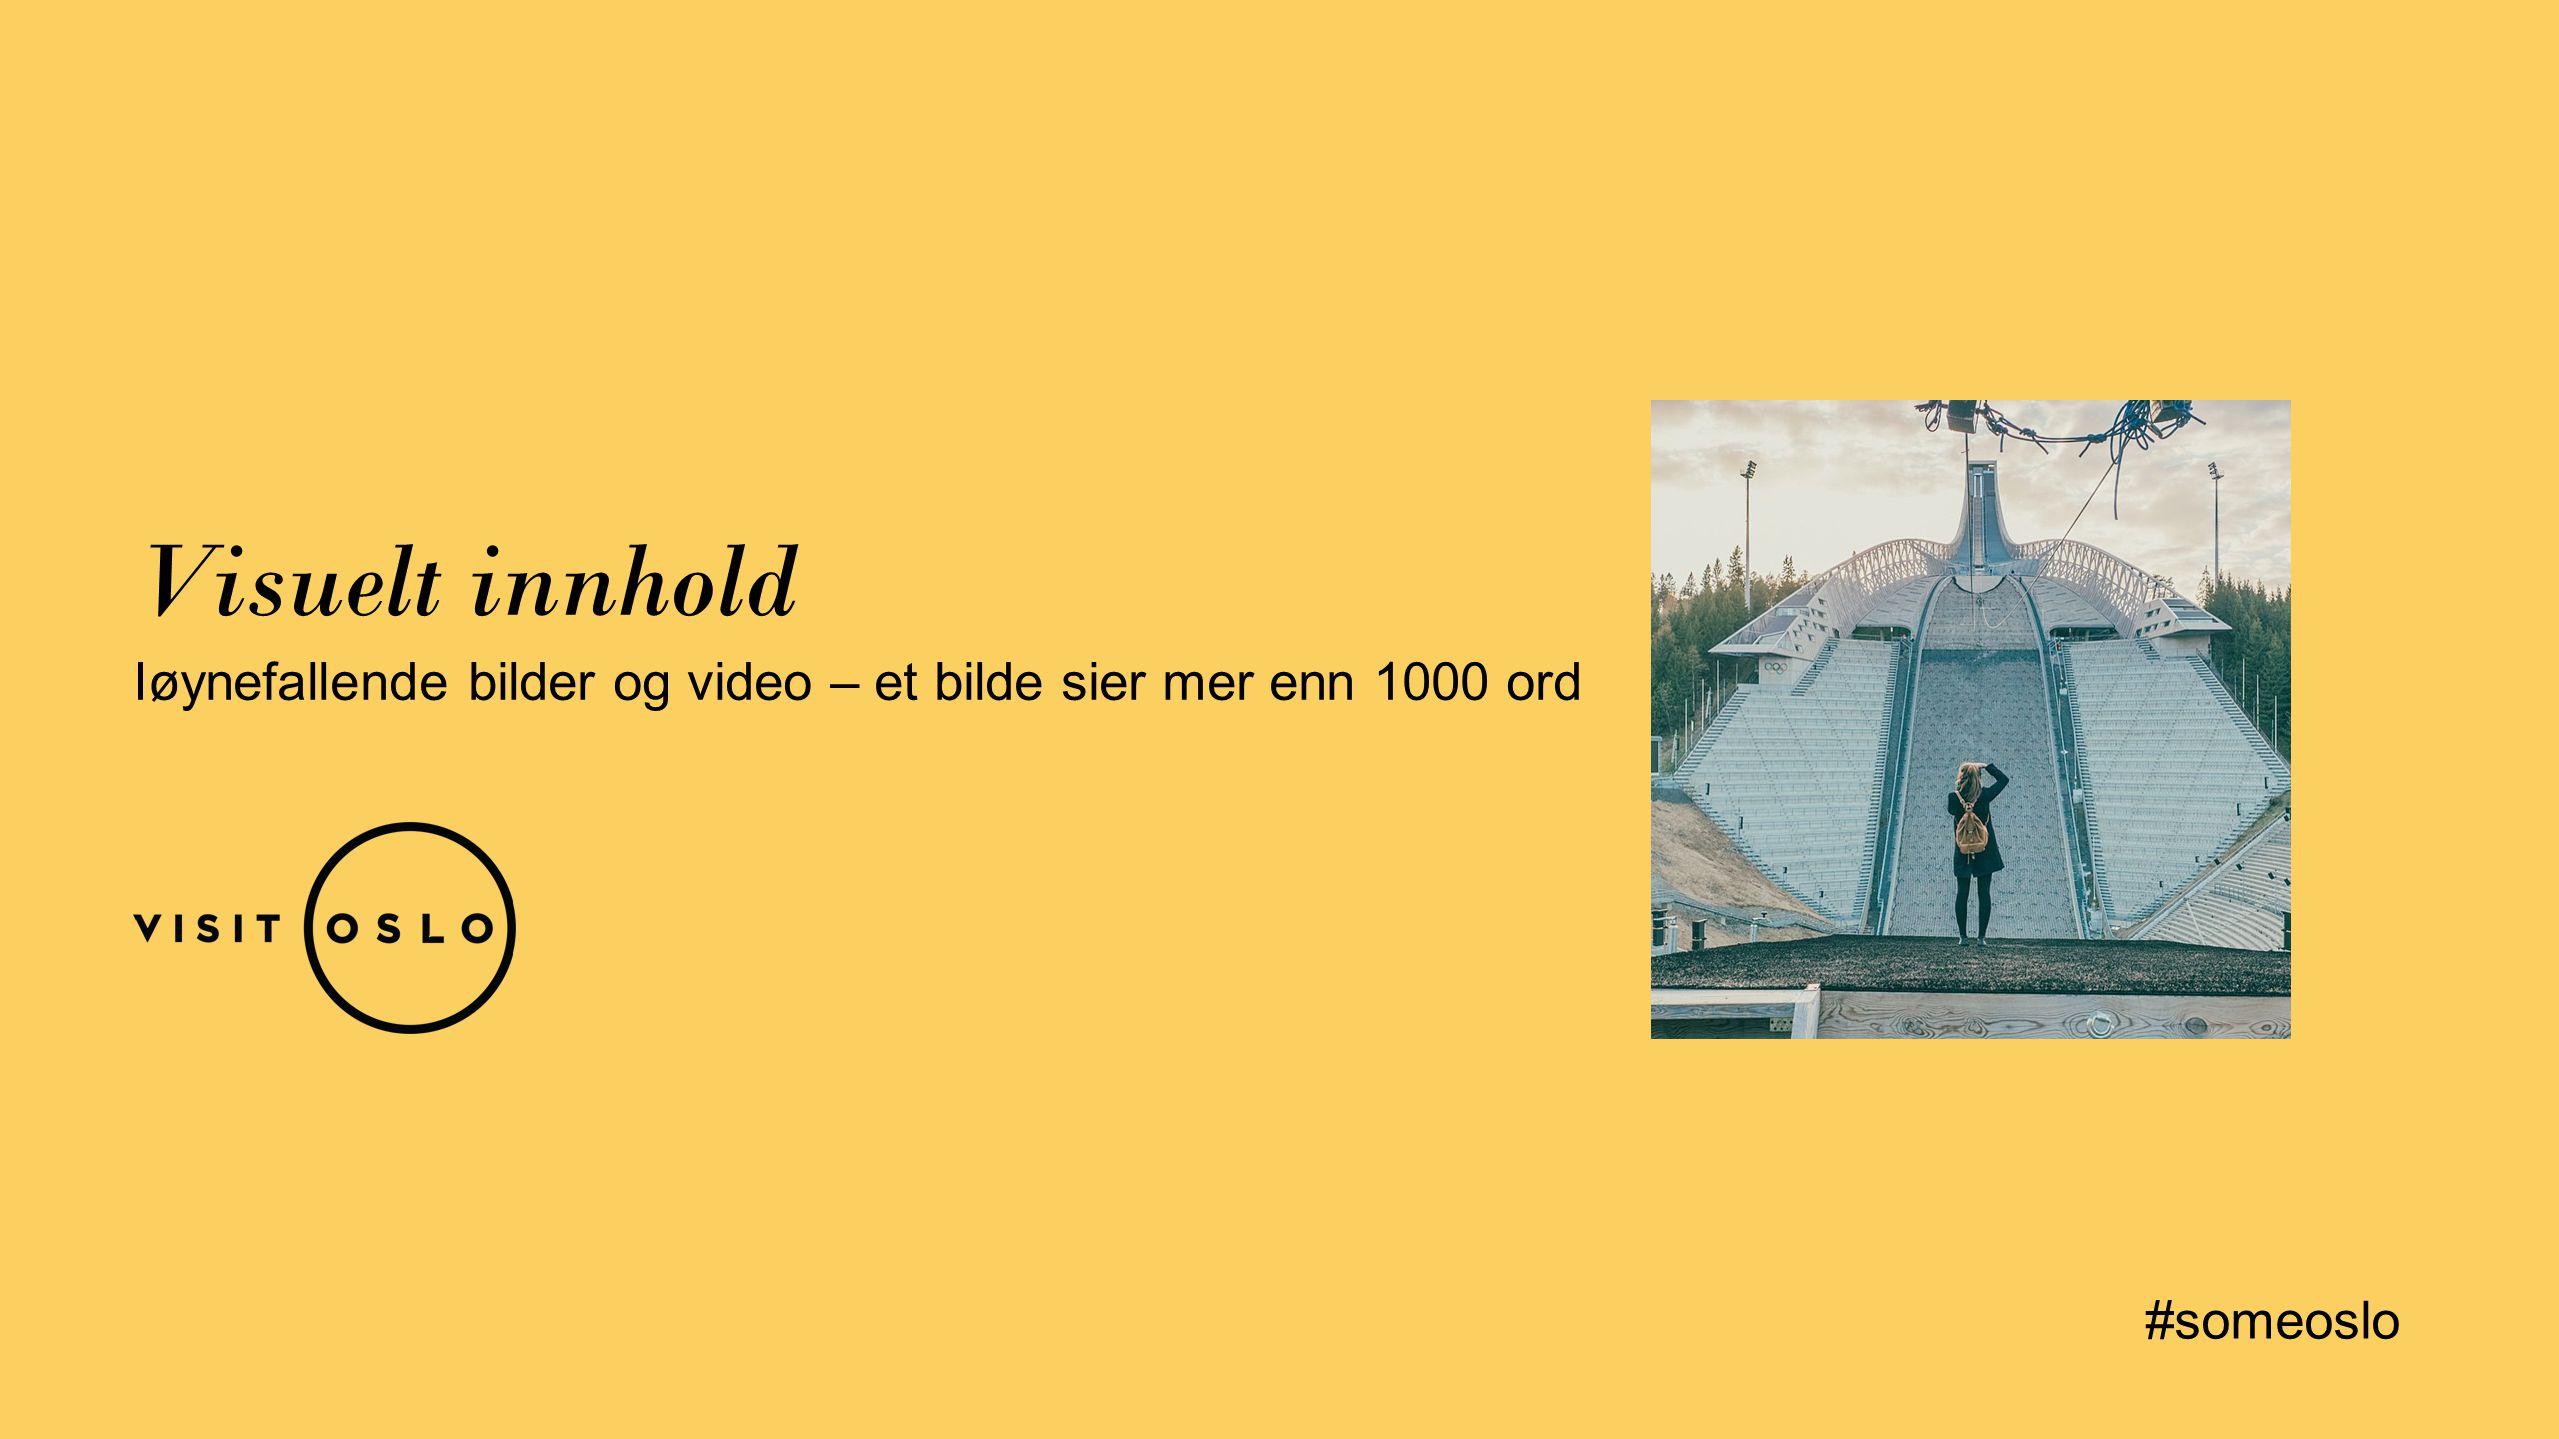 Visuelt innhold Iøynefallende bilder og video – et bilde sier mer enn 1000 ord #someoslo